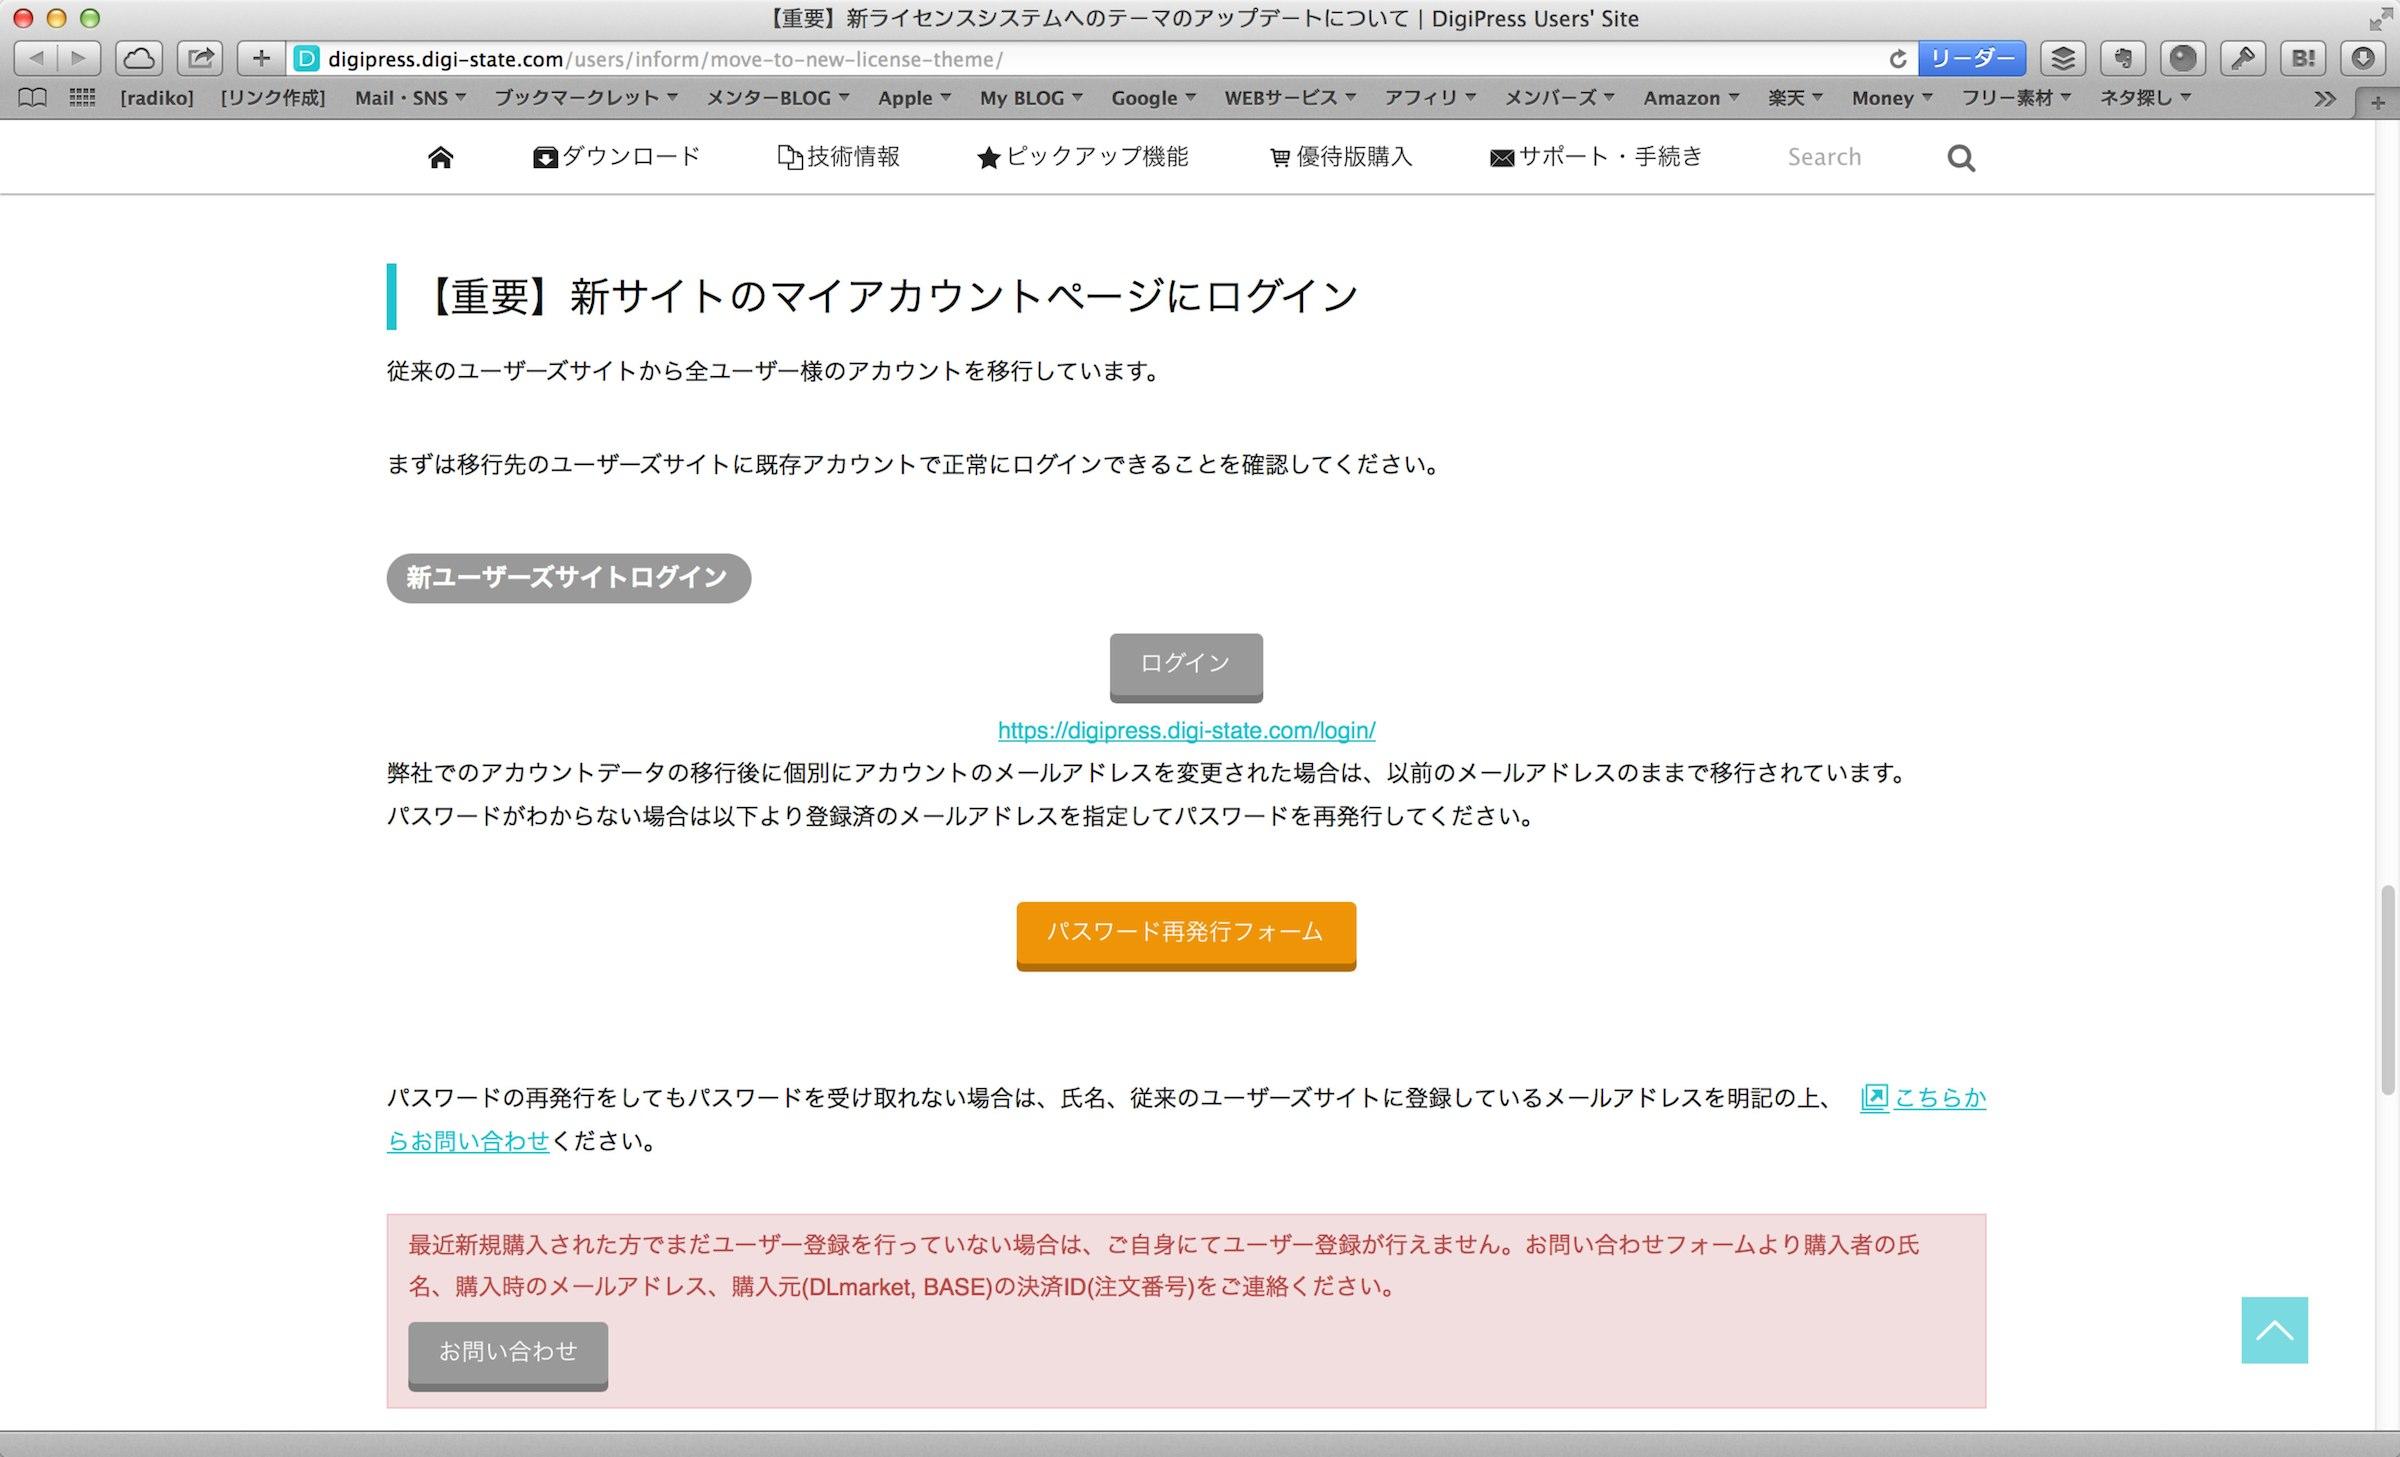 【重要】新ライセンスシステムへのテーマのアップデートについて | DigiPress Users_ Site